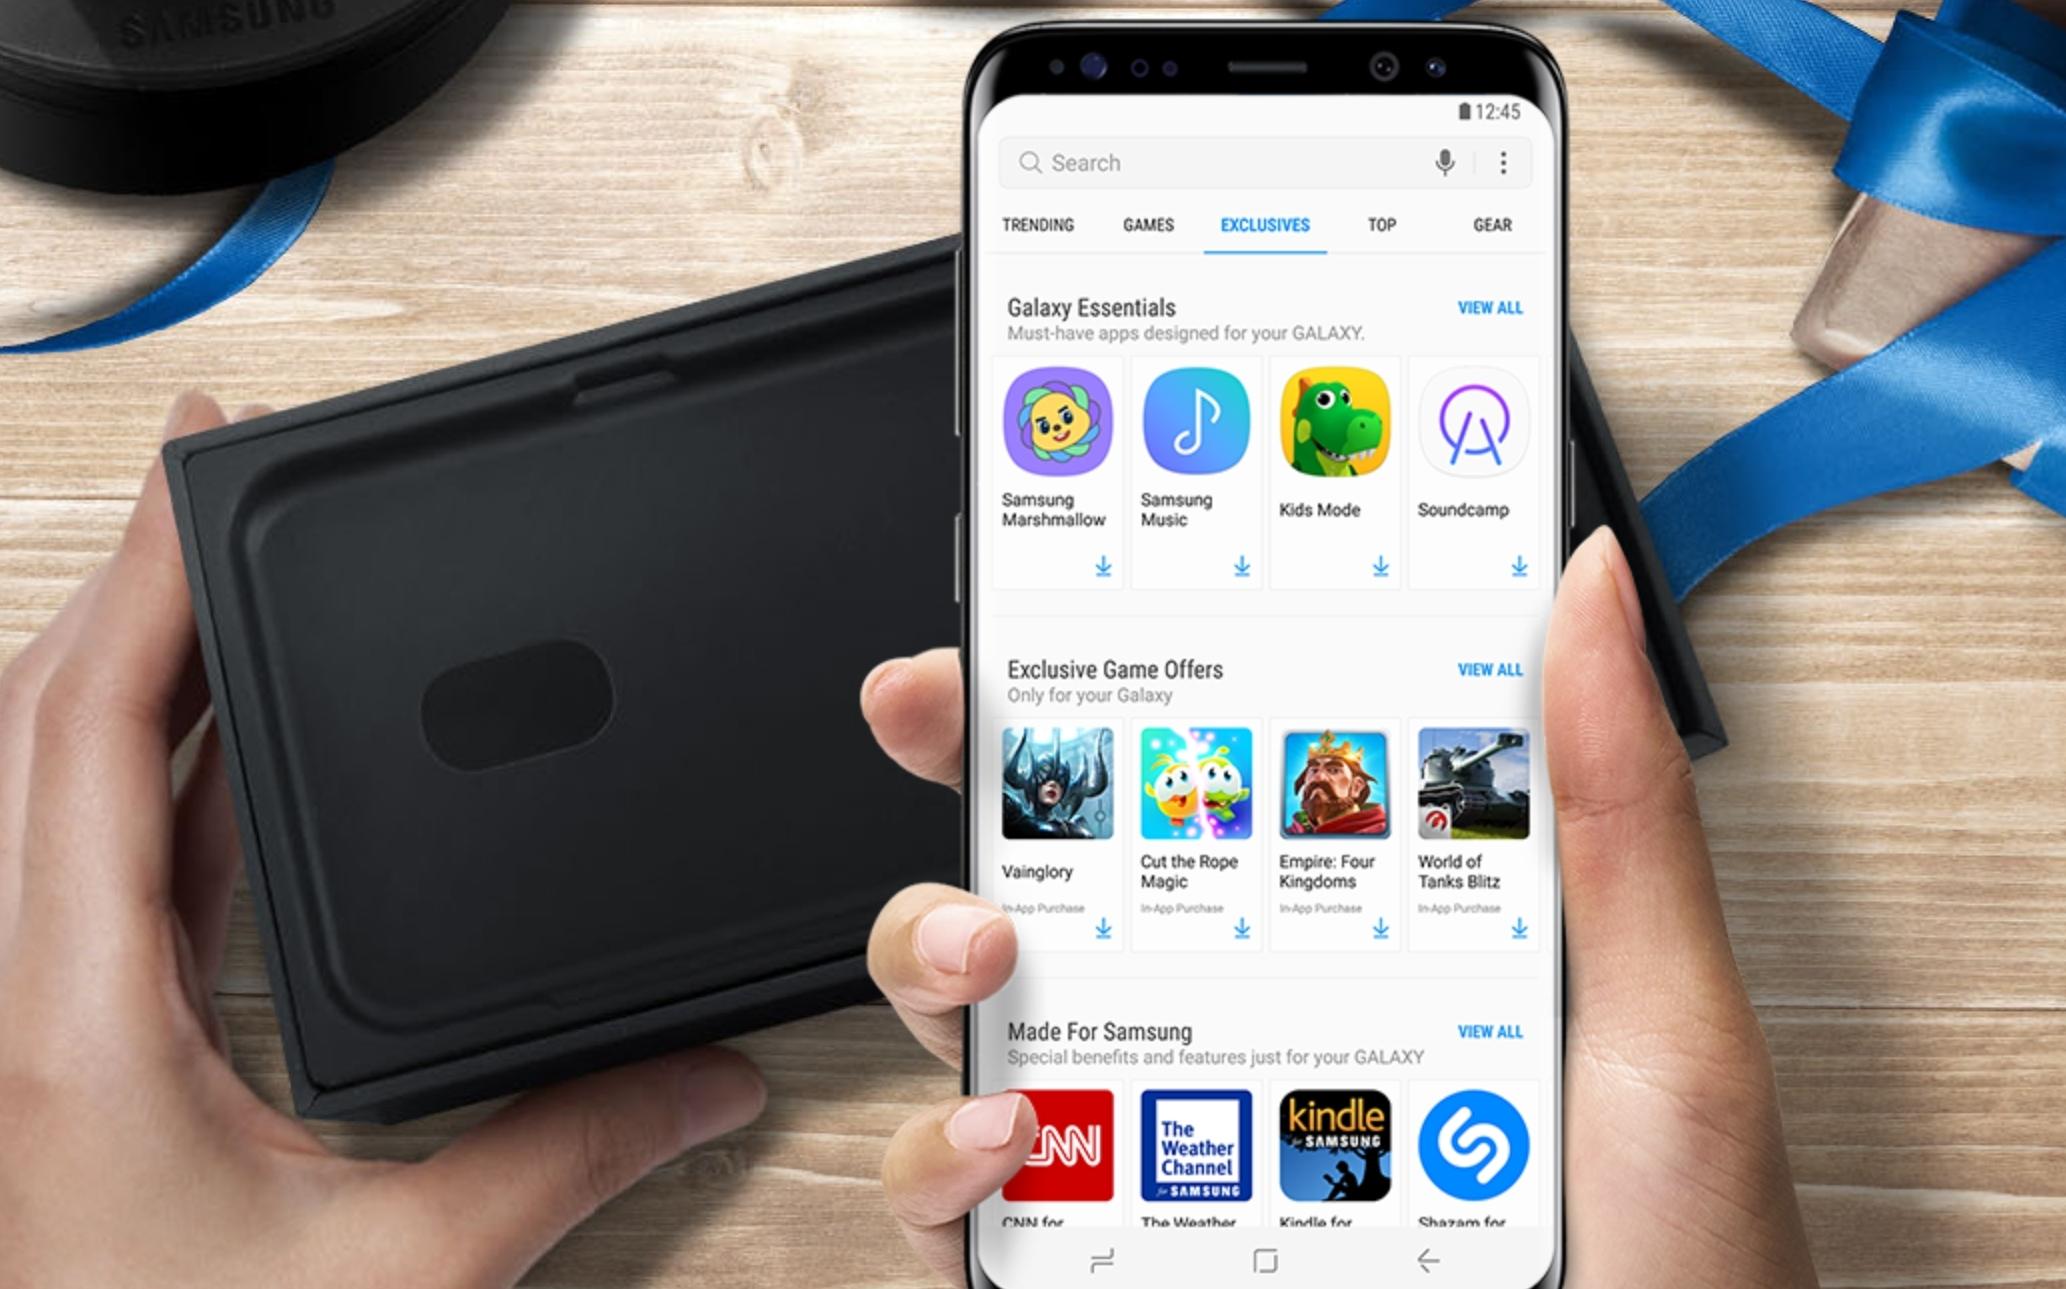 Fornite kommer ikke til Play Store, men det behøver ikke Samsung-kunder bekymre seg for